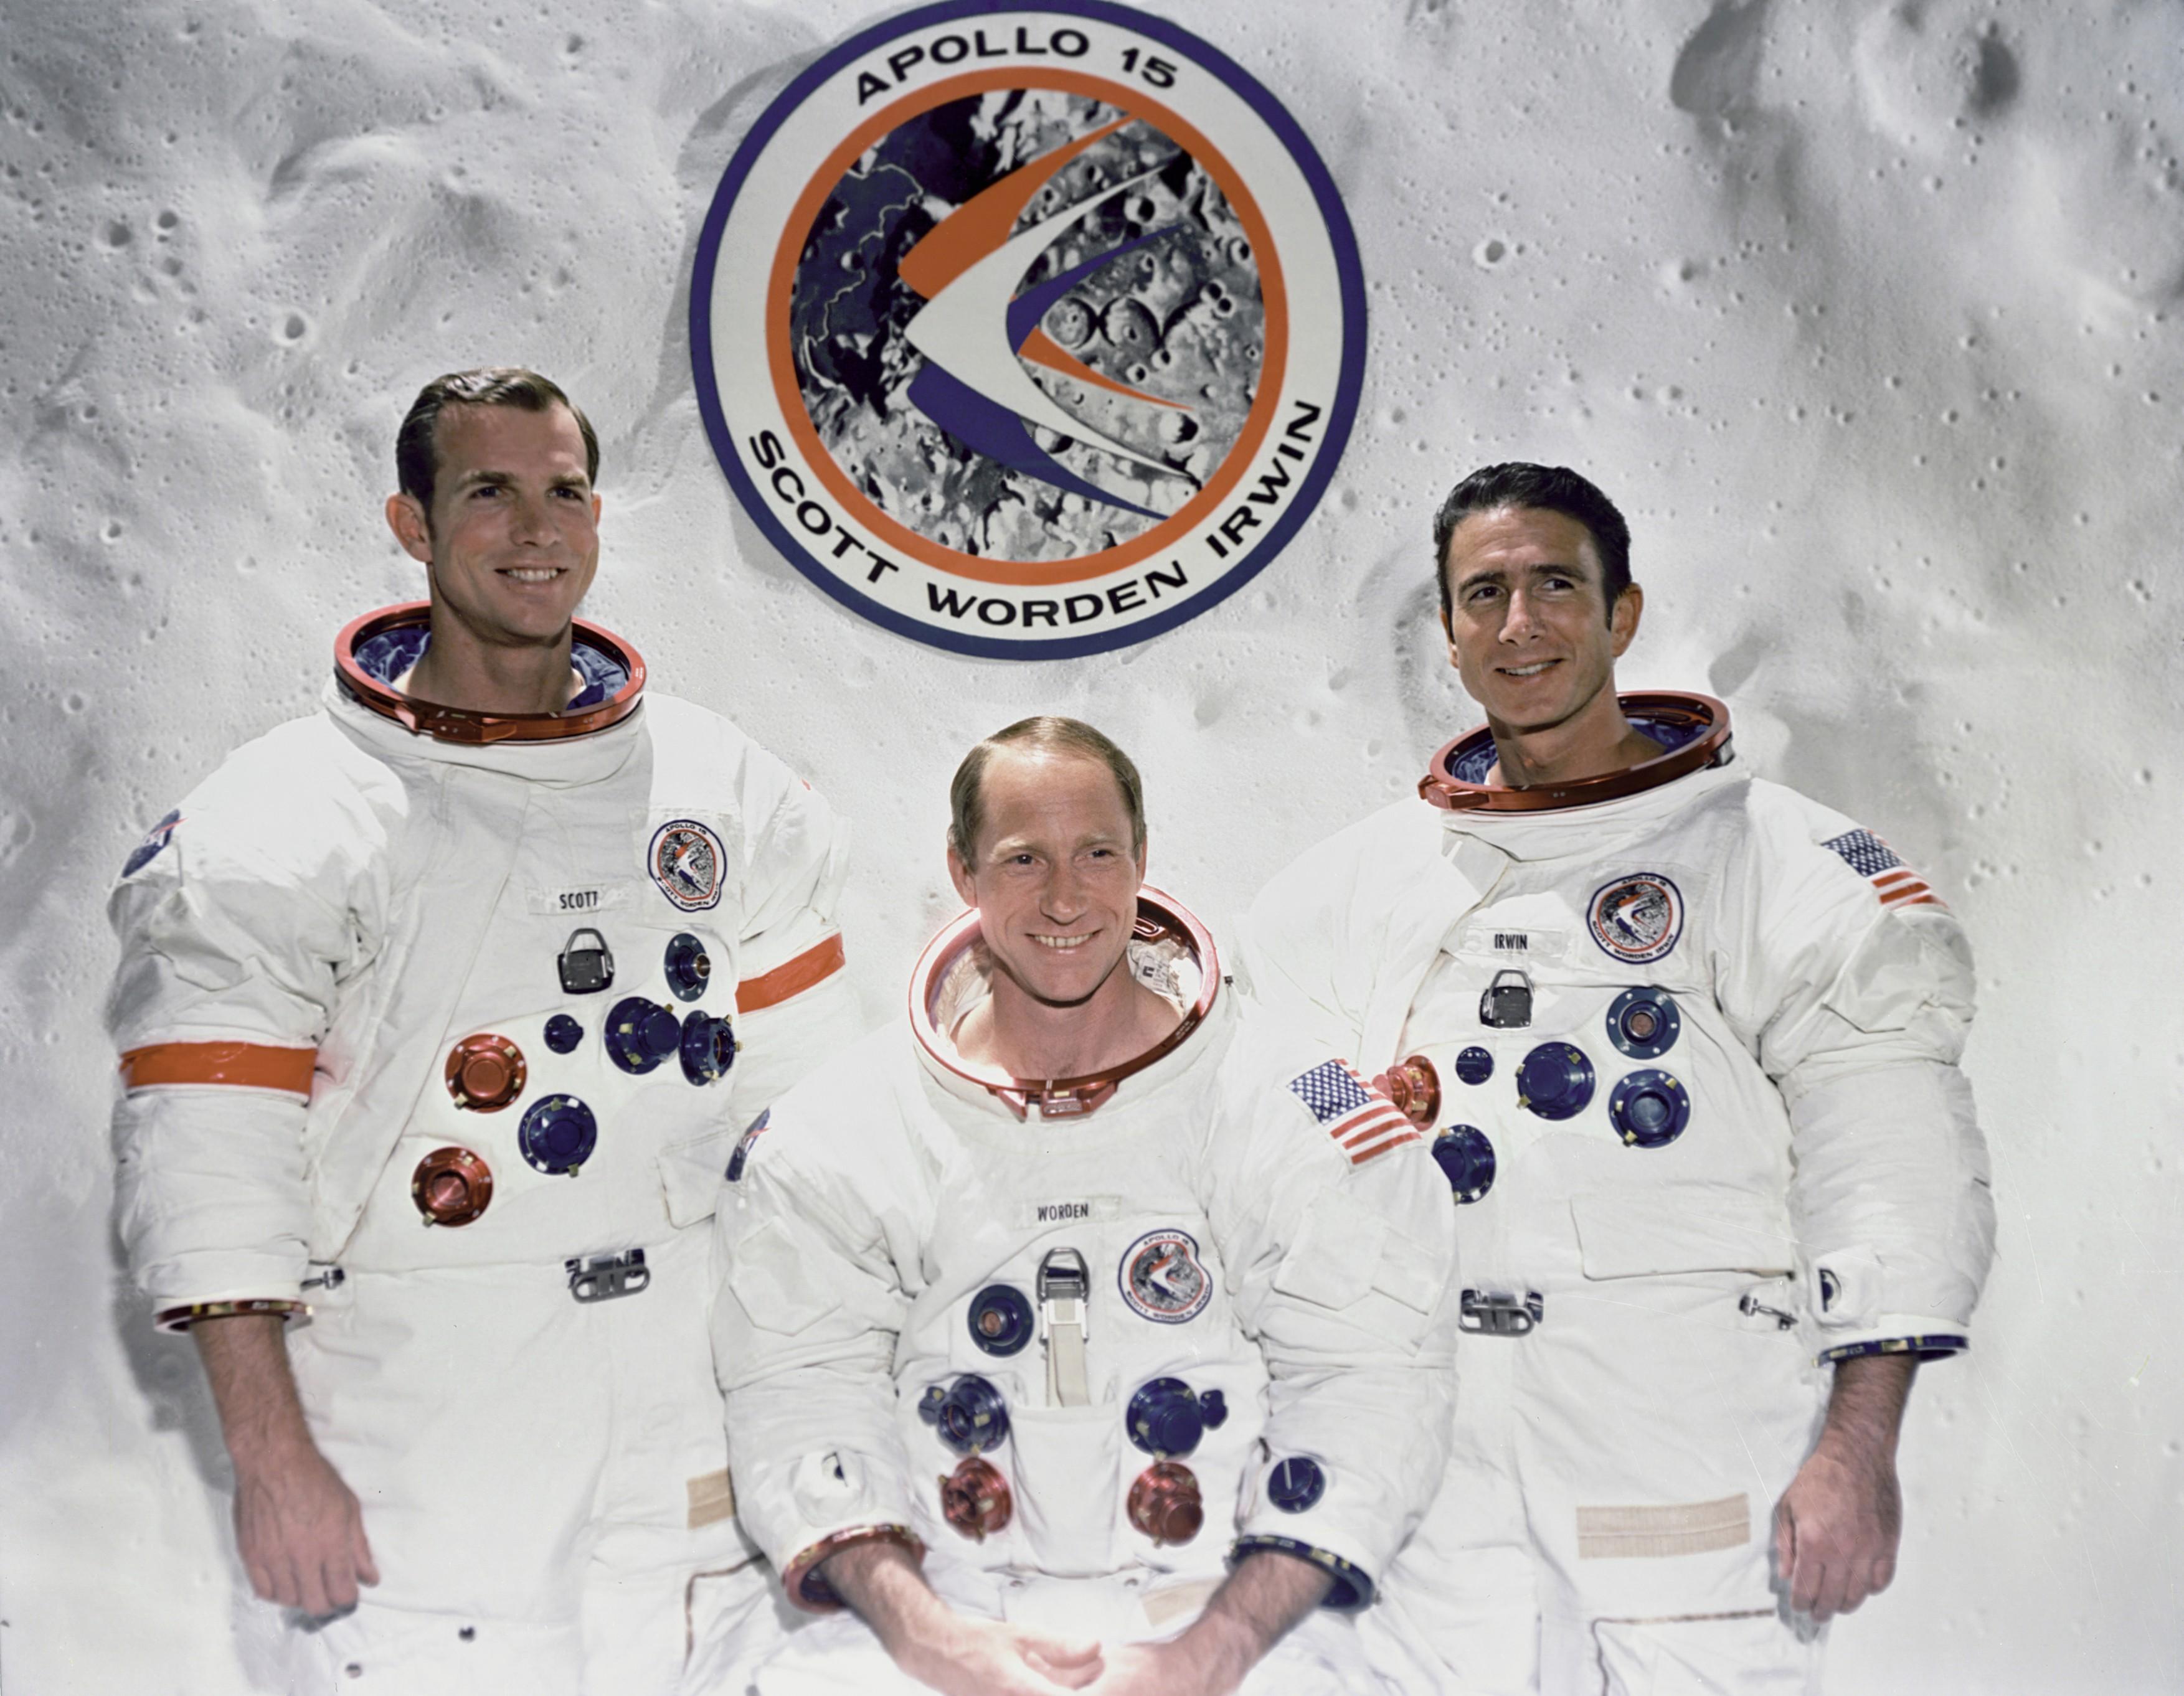 Apollo 15 - NASA, c1971. Creator: NASA.